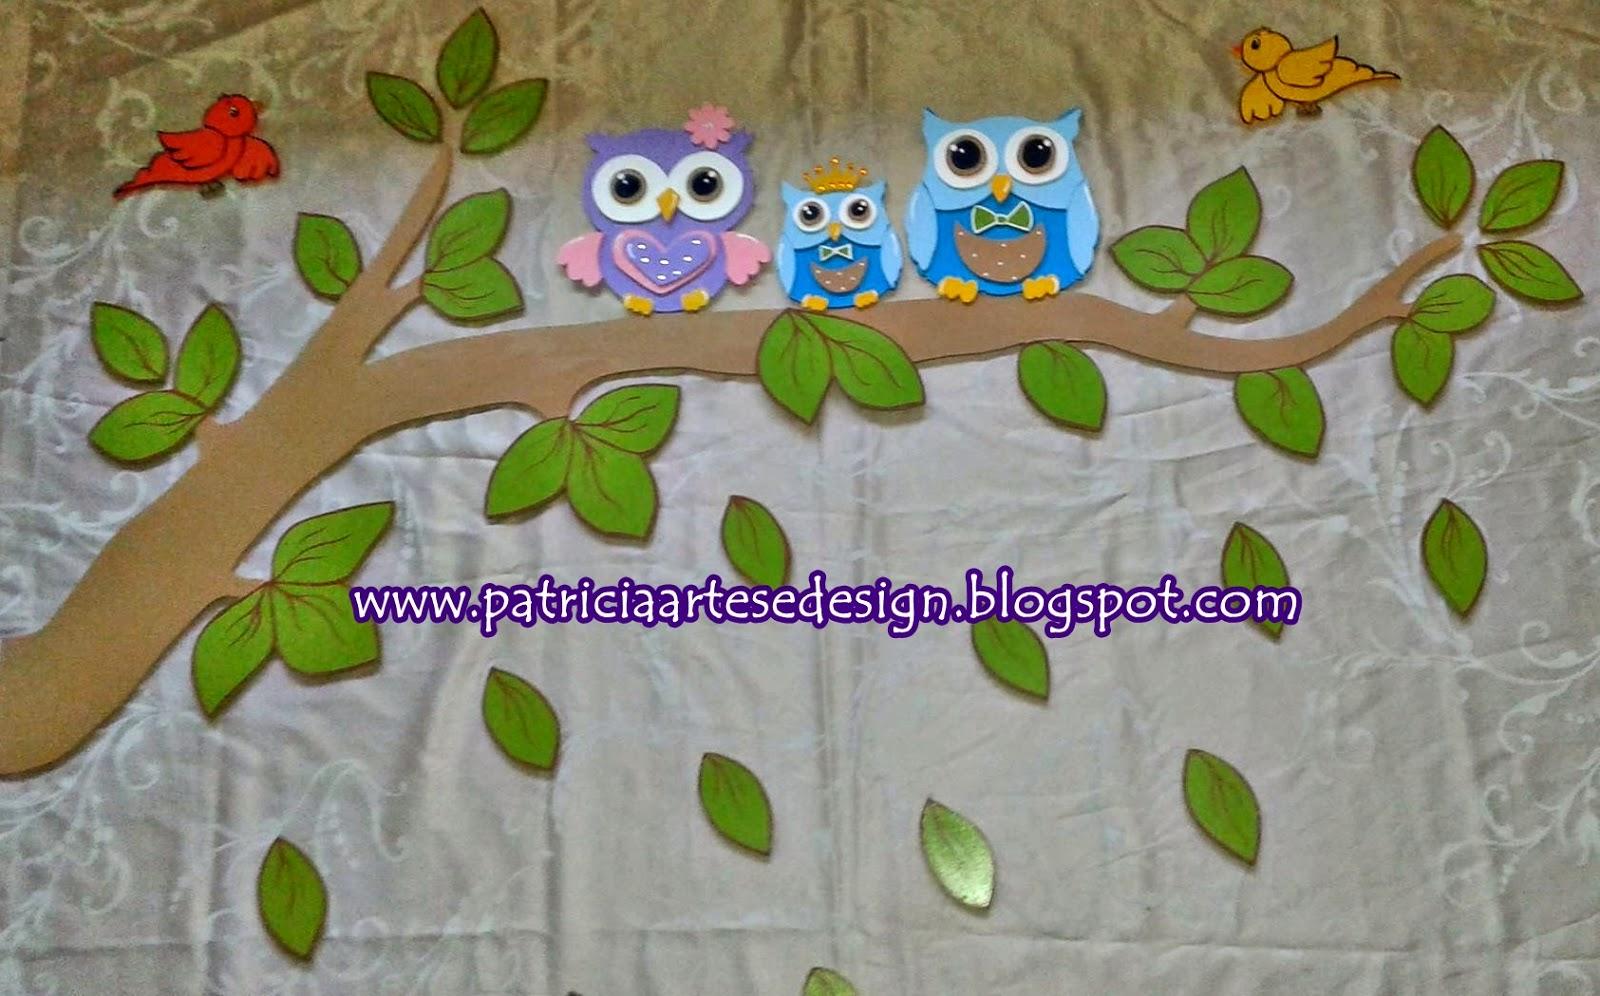 Patricia Artes e Design Painel Corujinha,Painel Coruja em MDF, Painel Coruji -> Decoracao Para Banheiro De Escola Em Eva